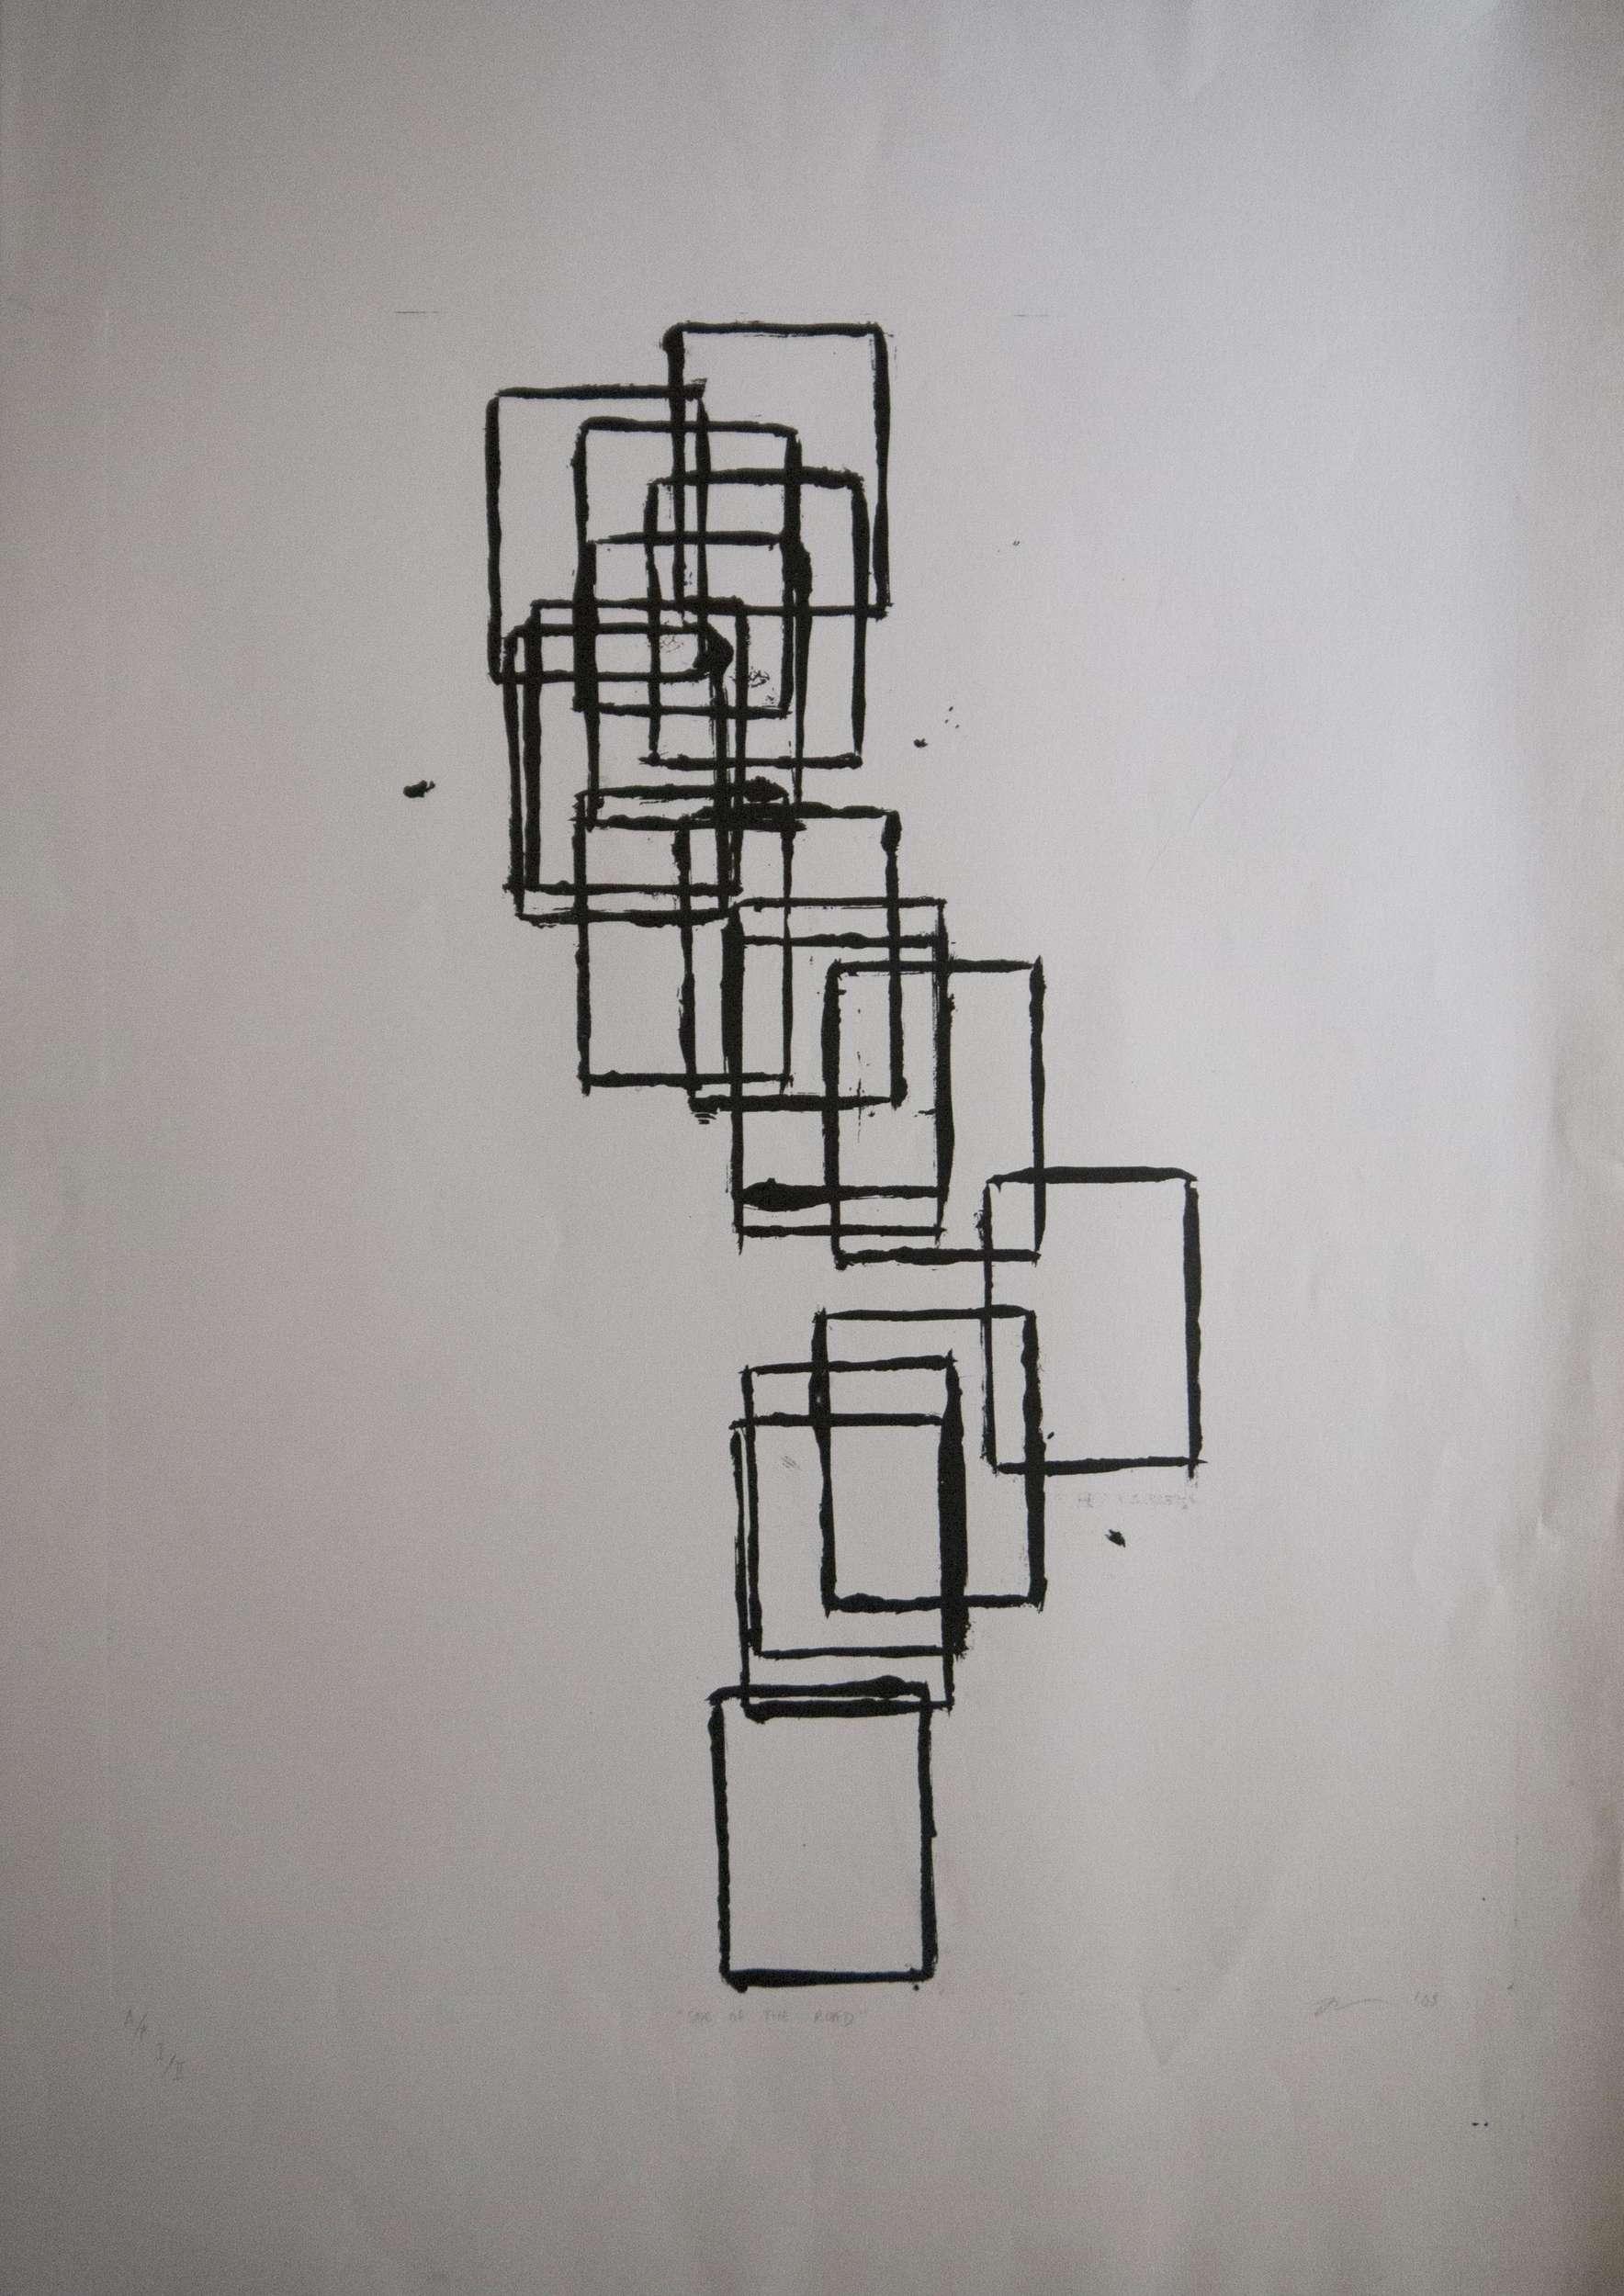 Code 75 Rectangle_lithoWHITE Image